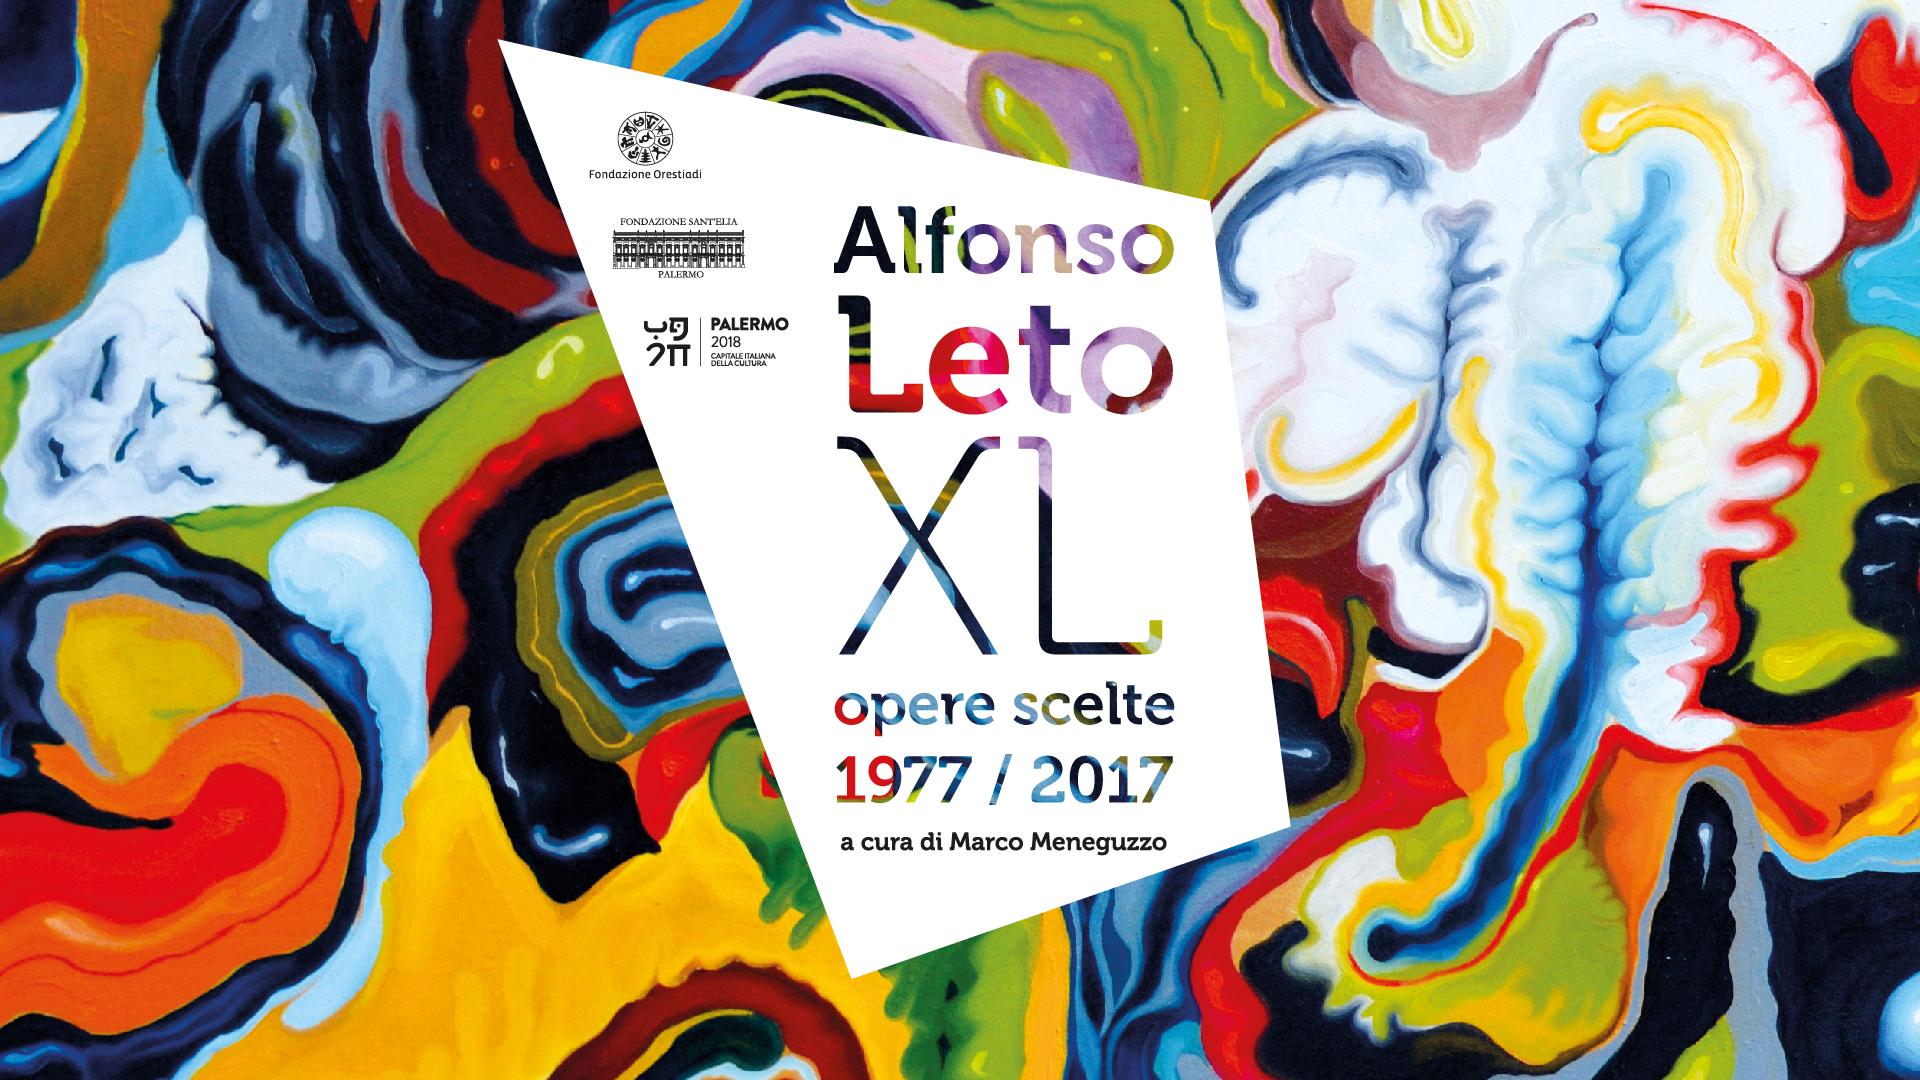 Alfonso Leto. Opere scelte 1977/2017